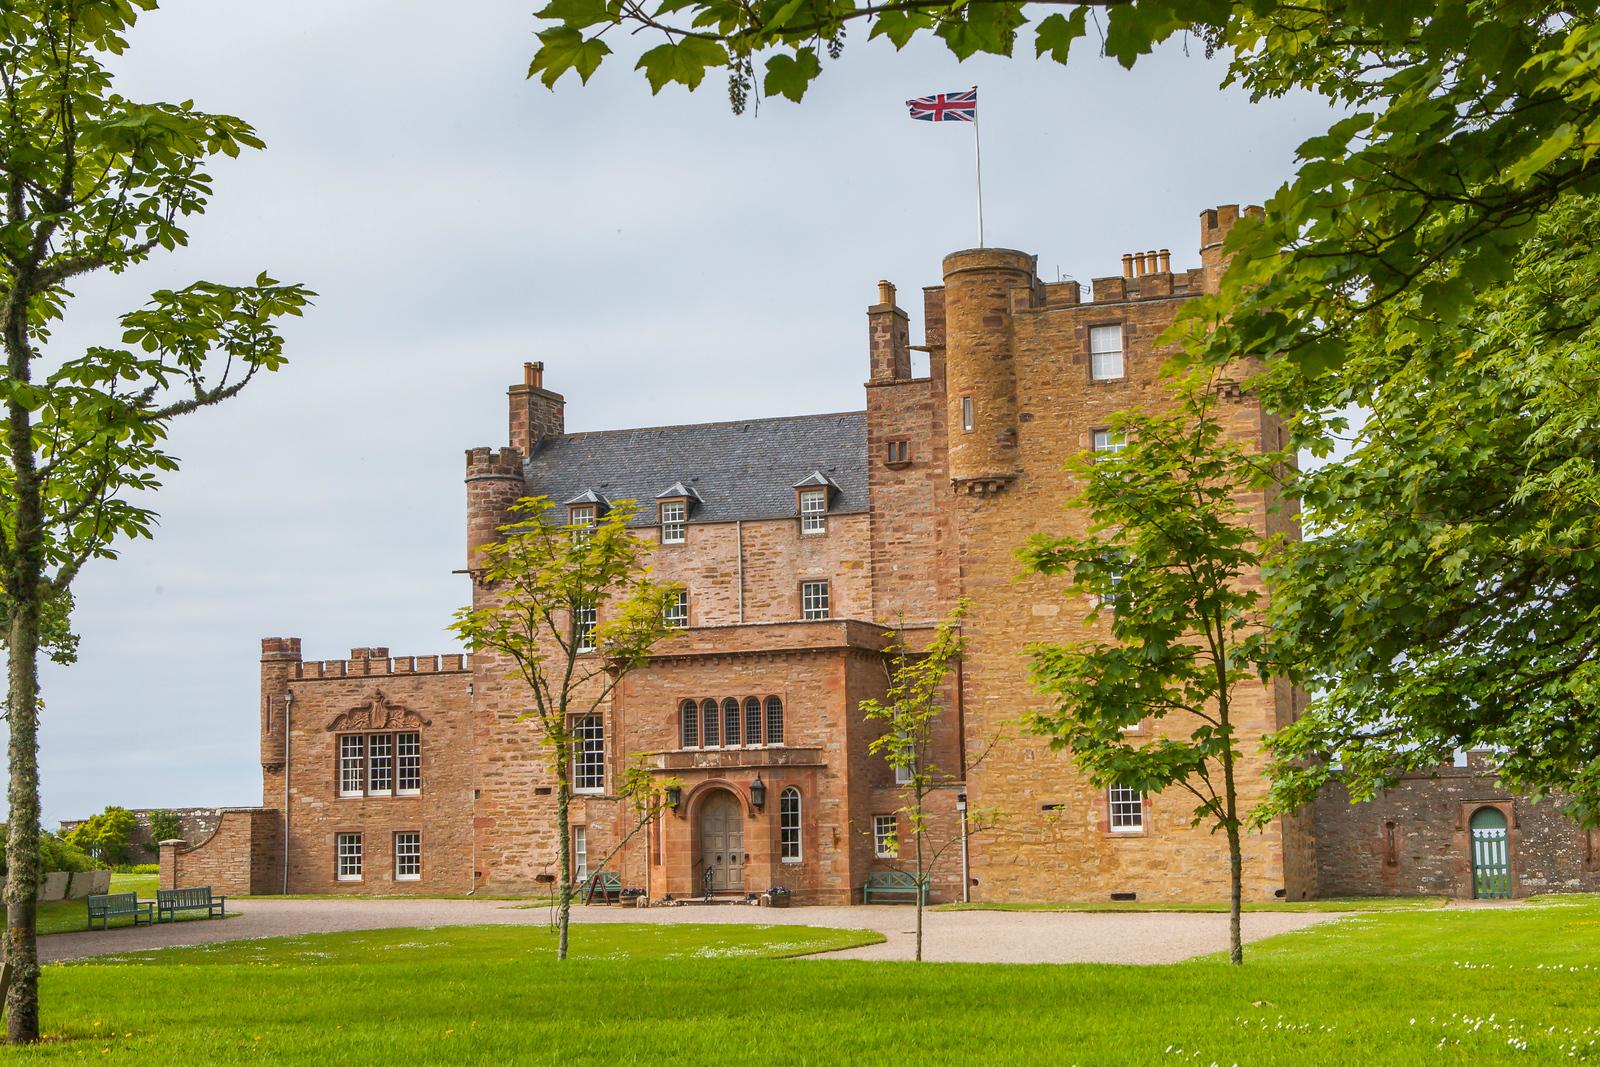 蘇格蘭梅城堡(Castle of Mey),五百年歷史